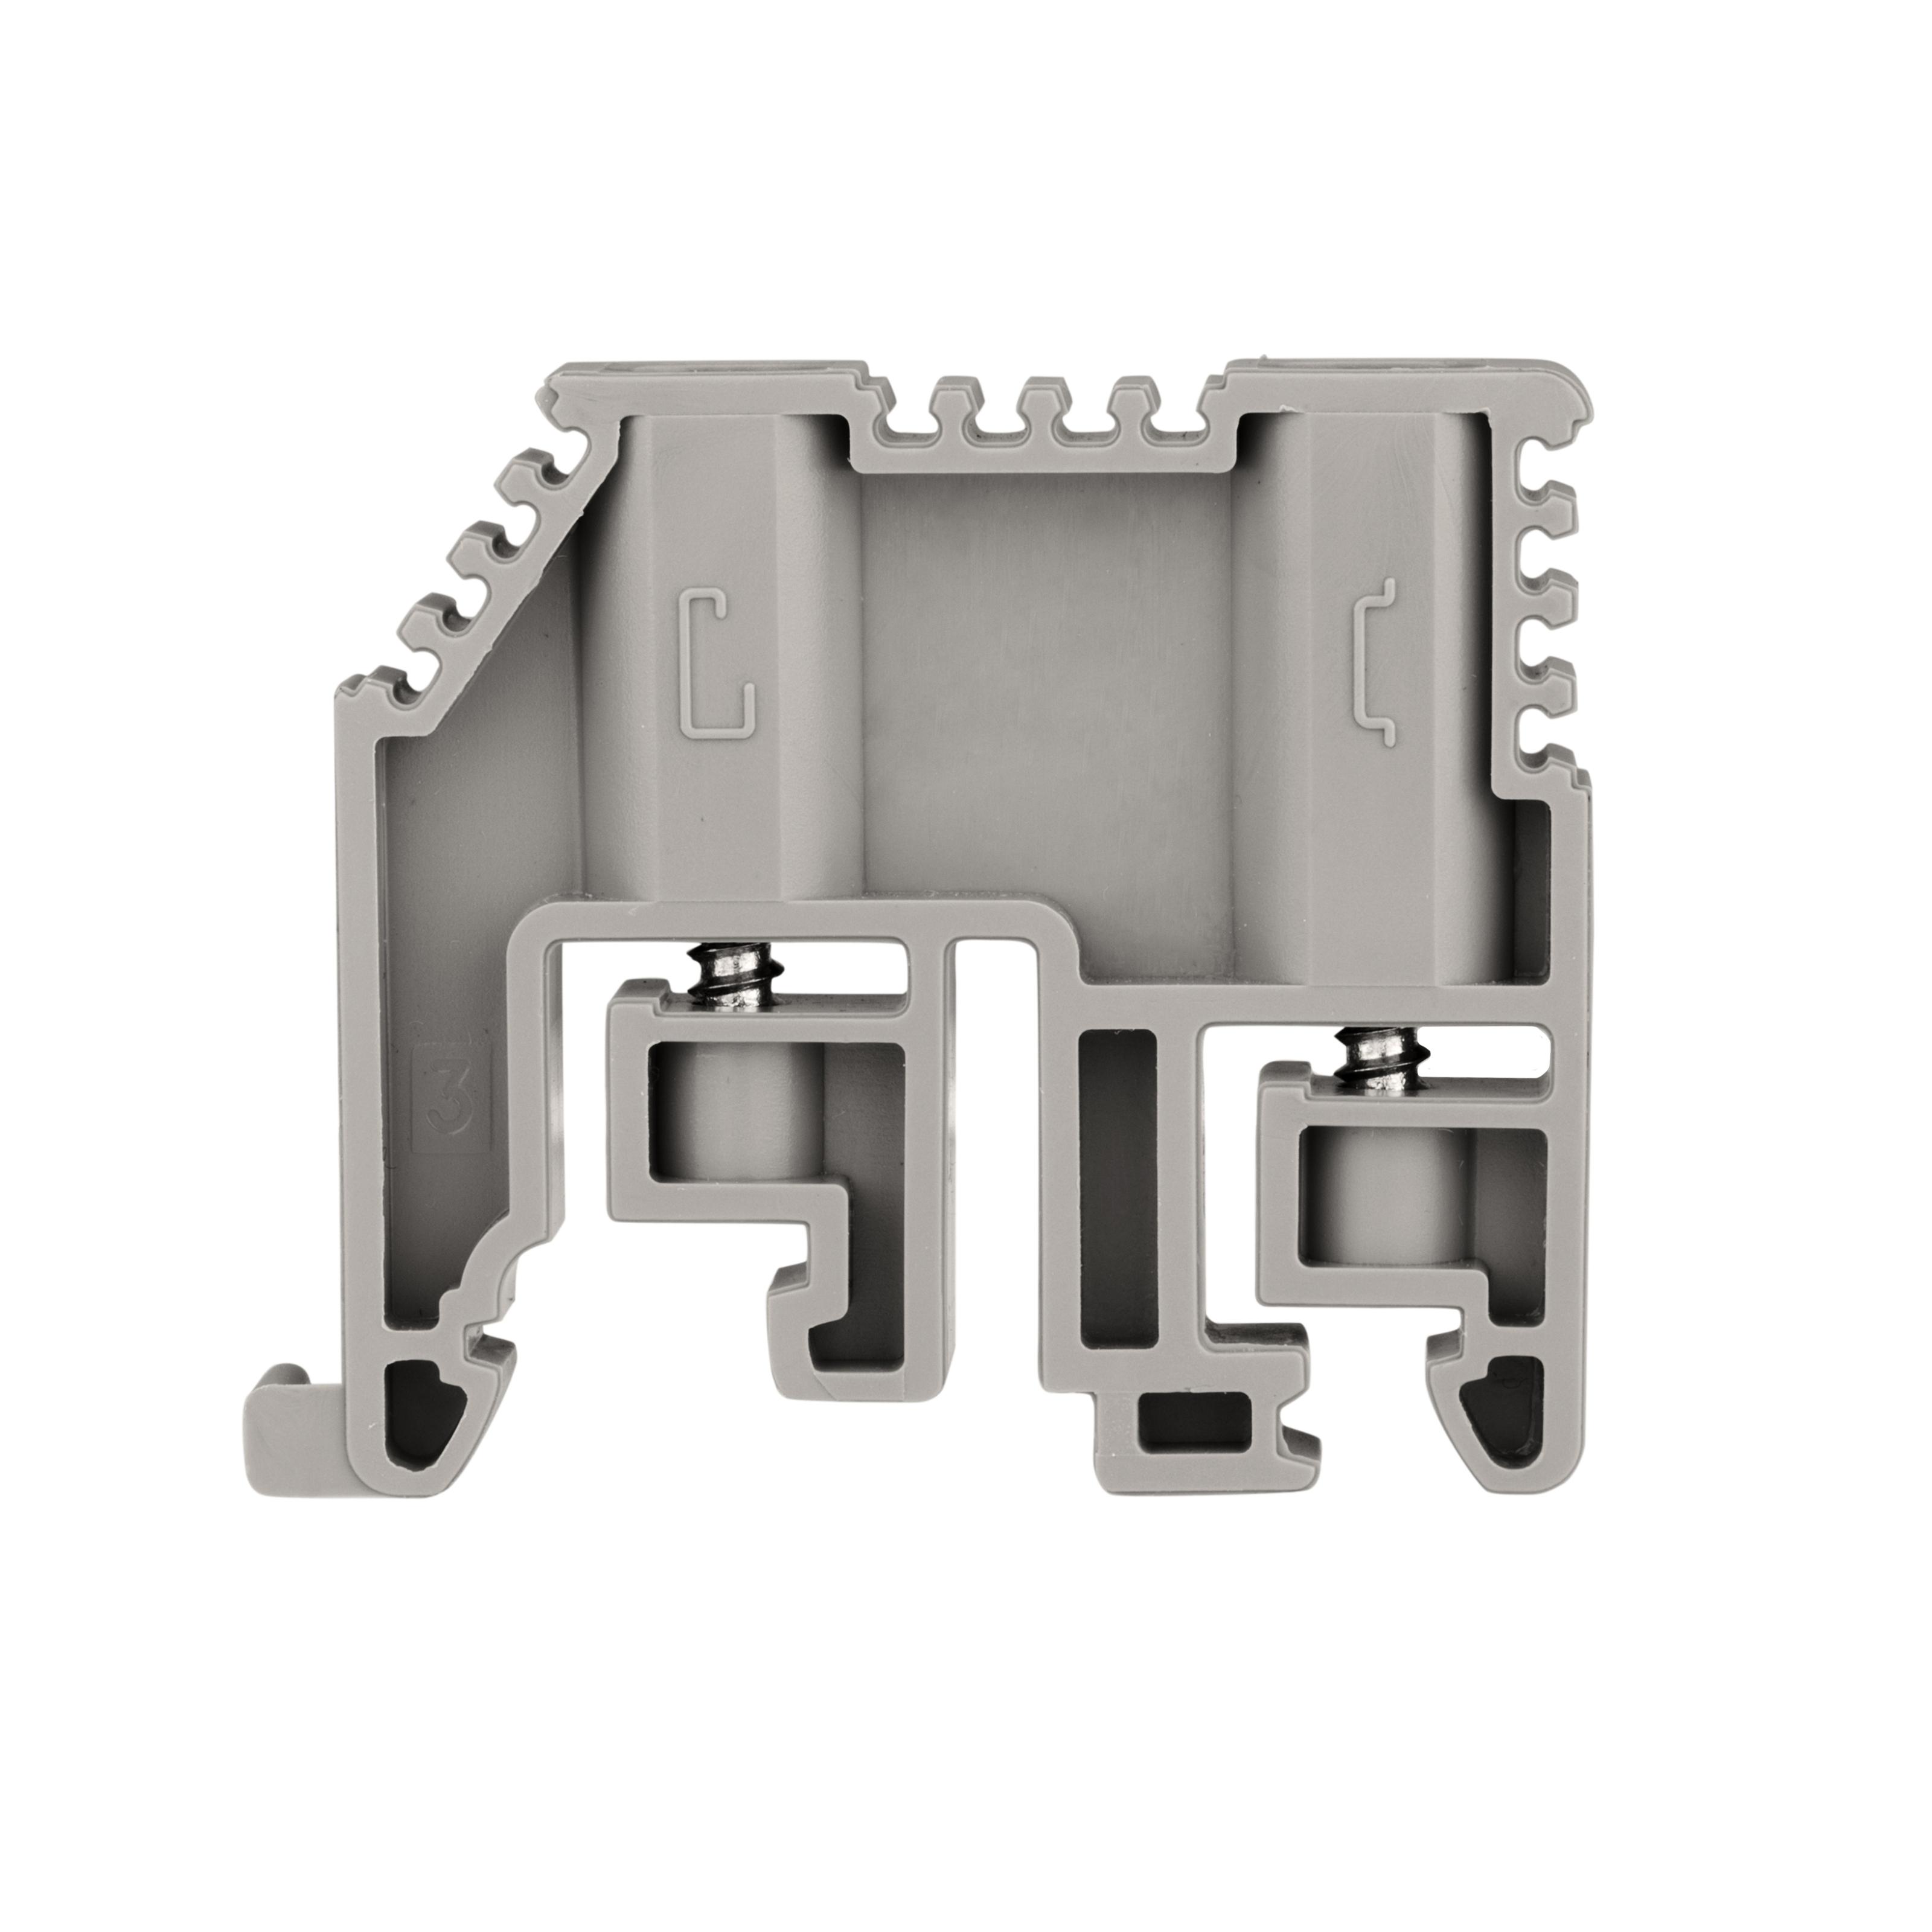 1 Stk Endhalter für DIN-Schiene, schnappbar IK623000--